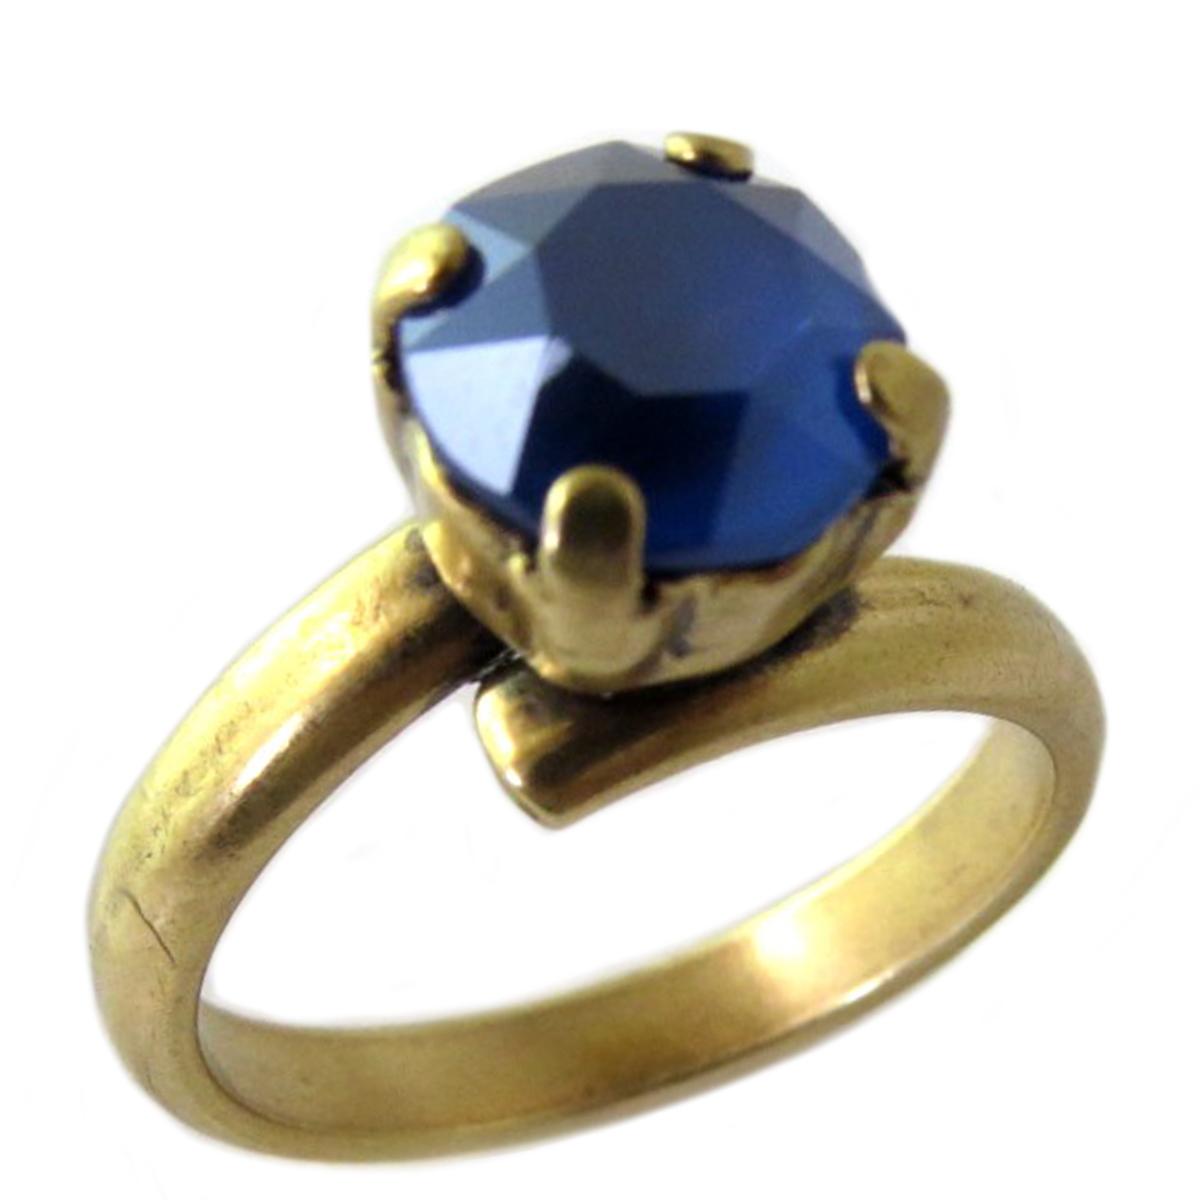 Bague artisanale \'Tsarine\' bleu foncé doré - 8 mm - [Q2717]